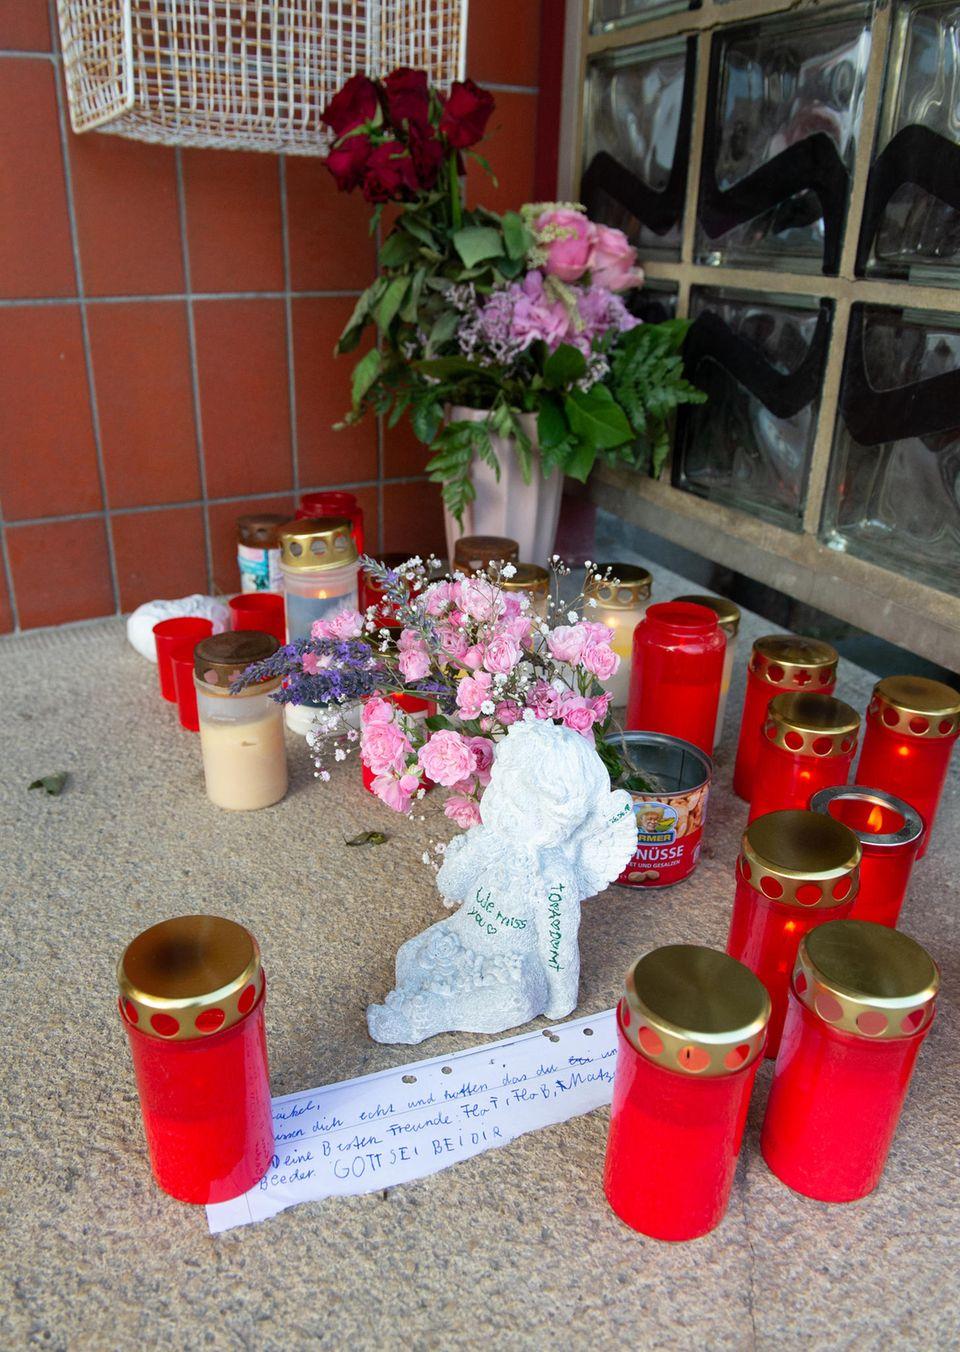 Nach dem Vierfachmord in Gunzenhausen herrschen Trauer und Entsetzen